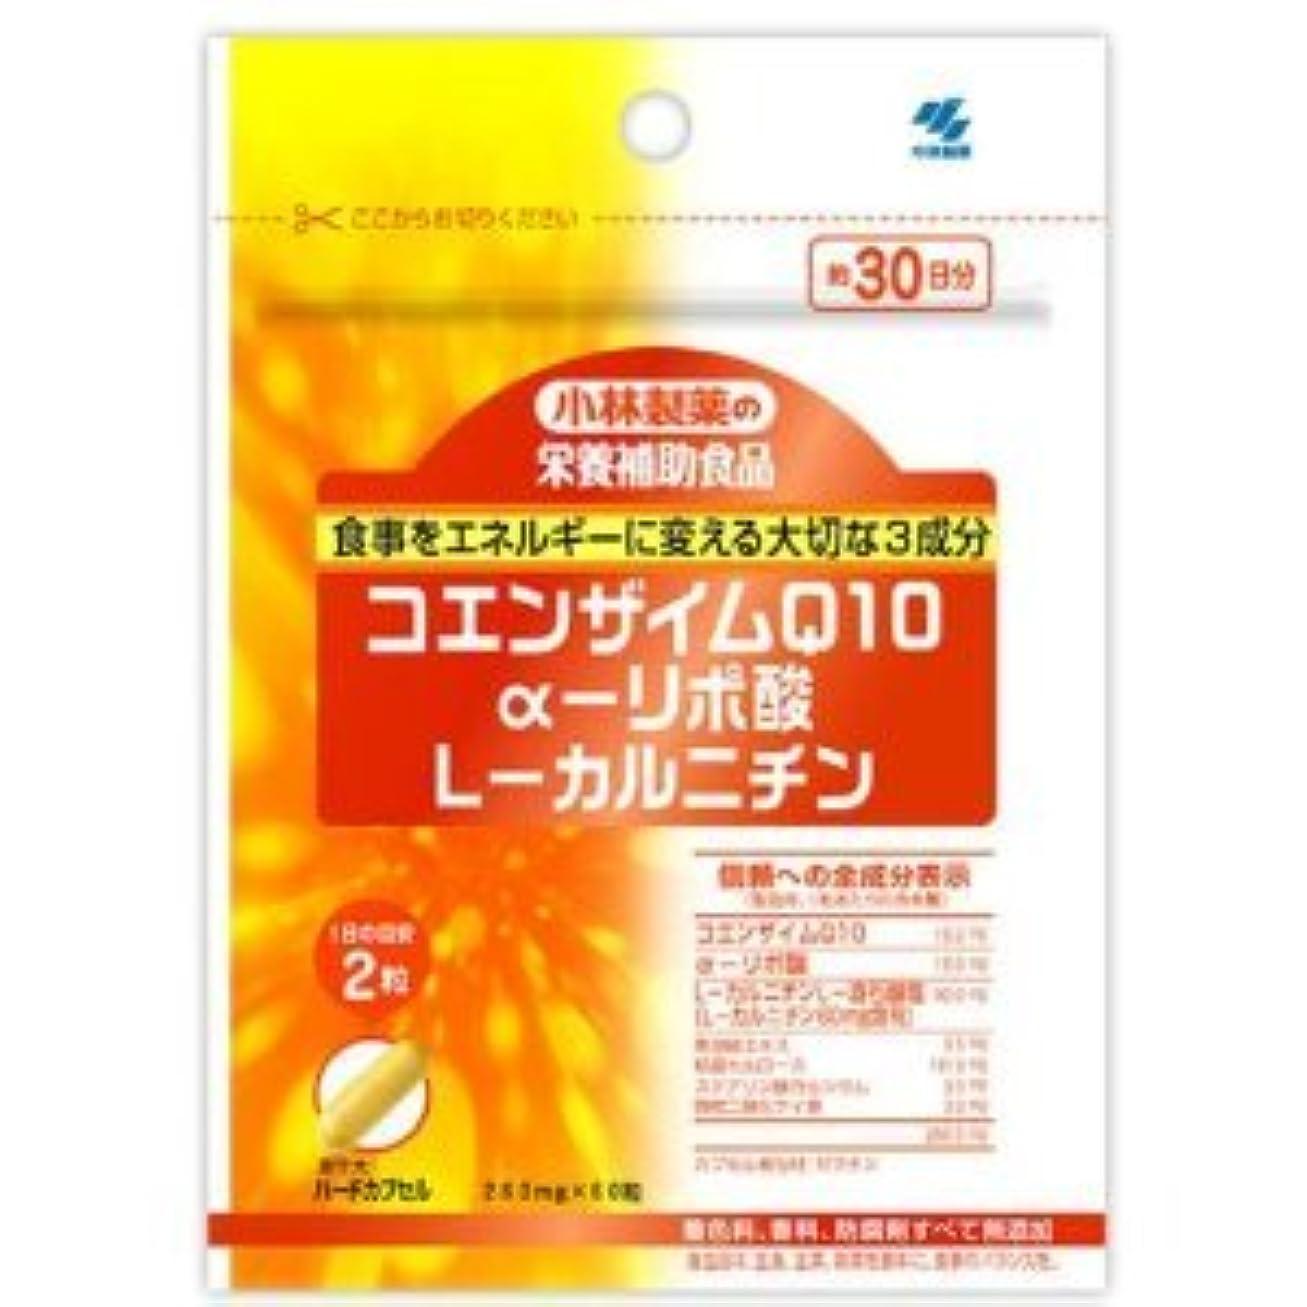 エンターテインメントええコークス小林製薬の栄養補助食品 コエンザイムQ10 αリポ酸 L-カルニチン 60粒 3個セット